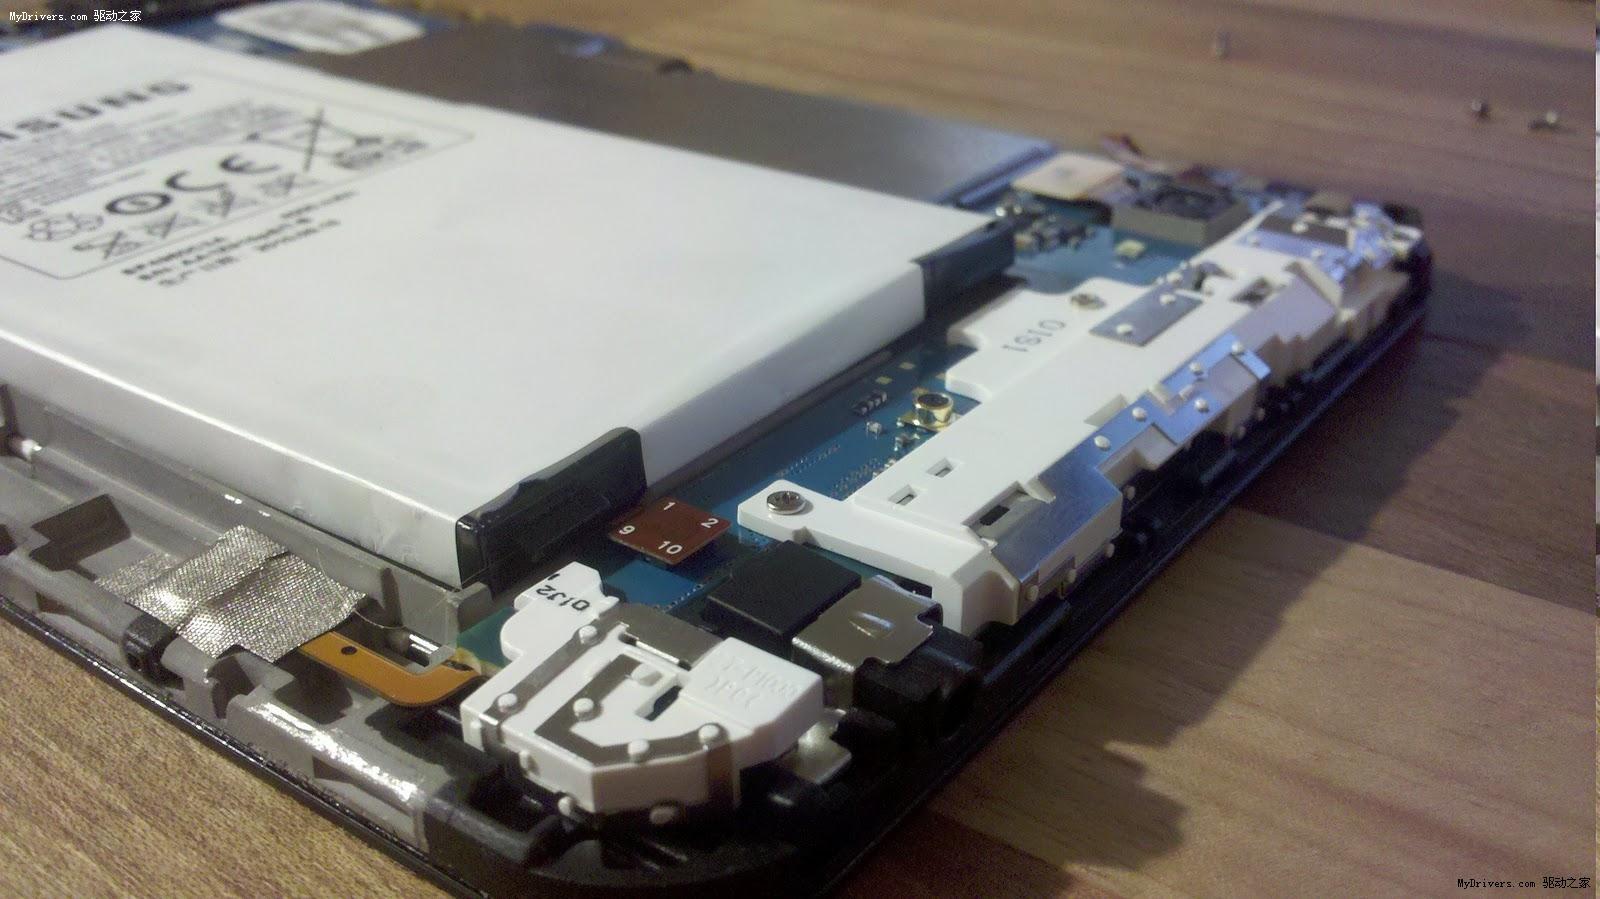 系统功能、硬件性能是许多消费电子所标榜的卖点,但是对于用户来说,续航能力才是更重要的关注点,没电的时候一些都是浮云。目前平板机领域除了iPad之外,卖的最火的就是三星的Galaxy Tab了,这款设备的续航能力究竟如何? 据三星介绍,Galaxy Tab使用了一块4000mAh的锂离子电池,可以提供8小时的续航时间。相对于手机等小屏幕产品,平板机的屏幕显示将会消耗更多的电量,必须有一块大容量电池才能保证正常使用,不过Galaxy Tab的电池有点太大了。 有网站拆解了Galaxy Tab,在机身内发现了三